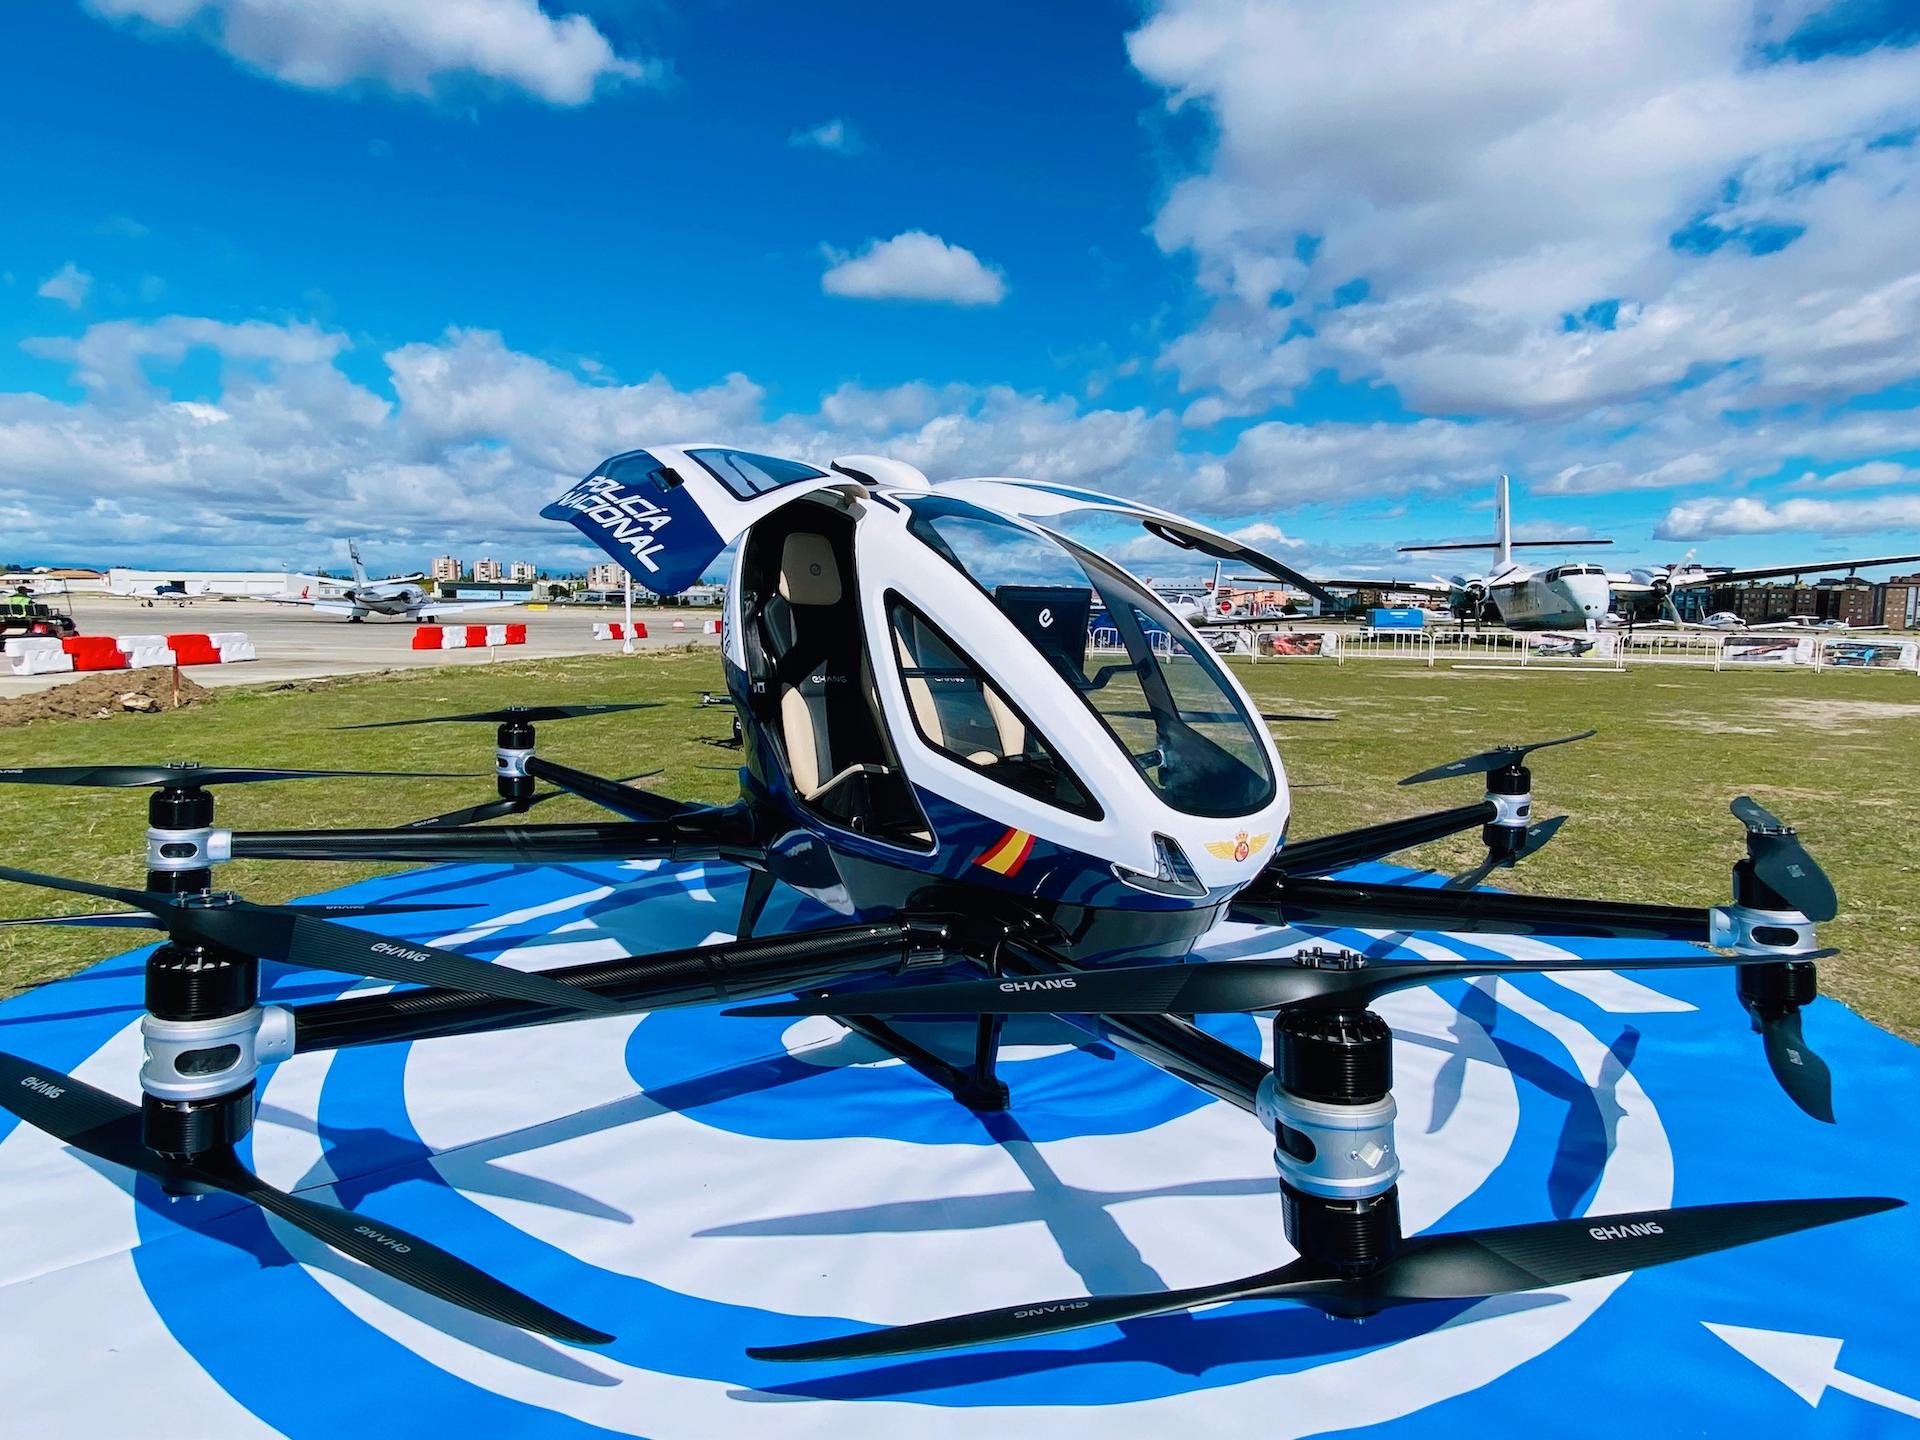 億航與西班牙國家警察合作 探索自動駕駛飛行器應急效用